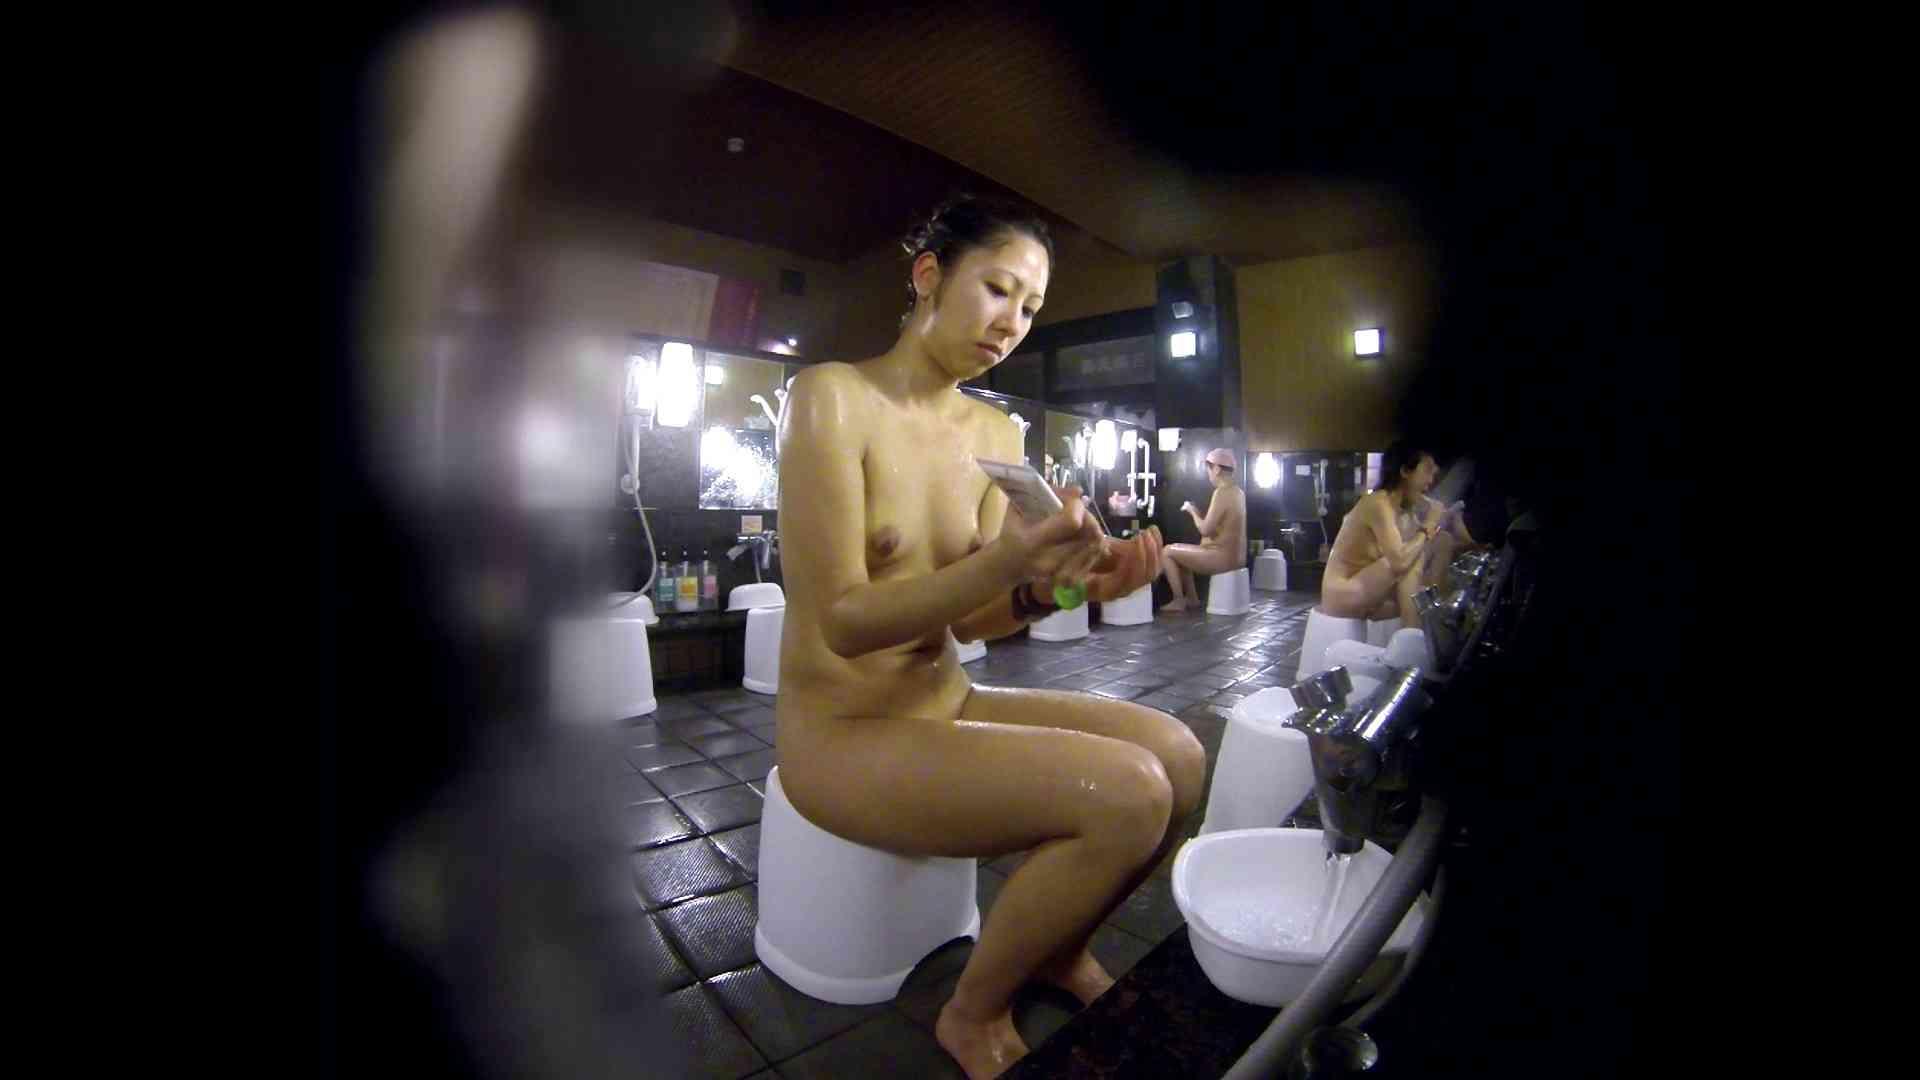 洗い場!綺麗に整えられた陰毛に嫉妬します。 女湯の中 われめAV動画紹介 82画像 82